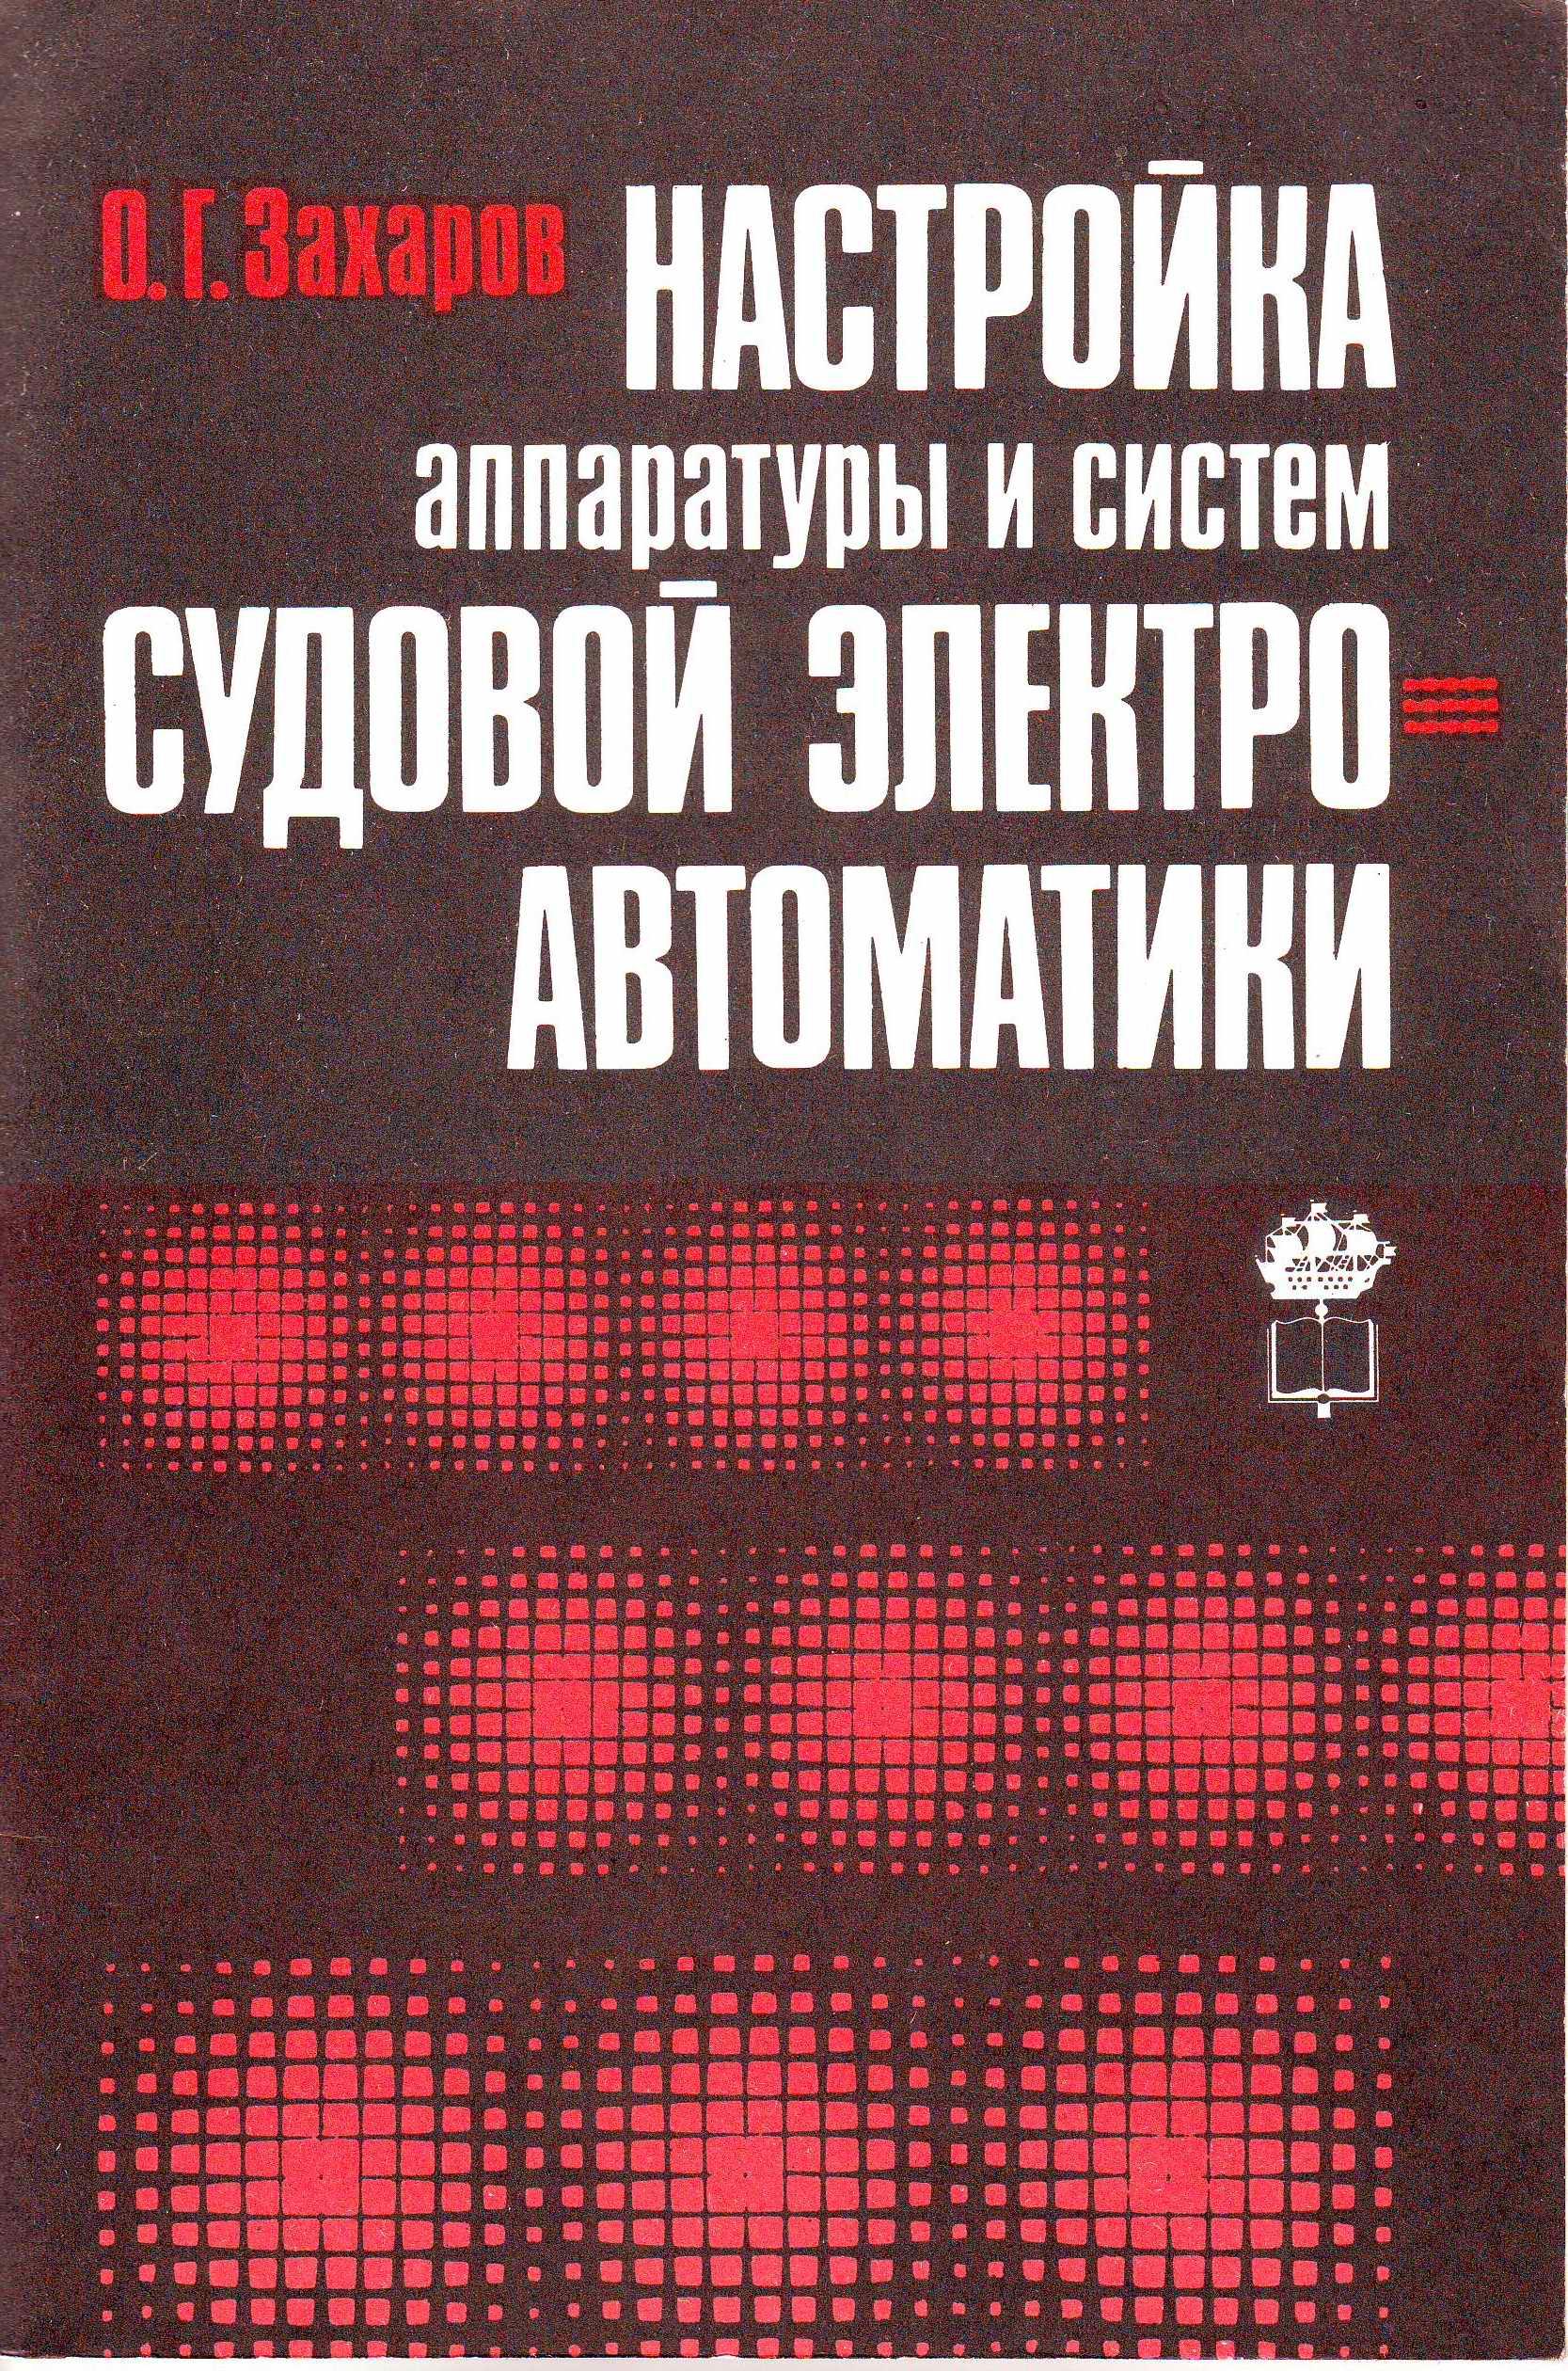 Третье издание книги Настройка аппаратуры и систем судовой